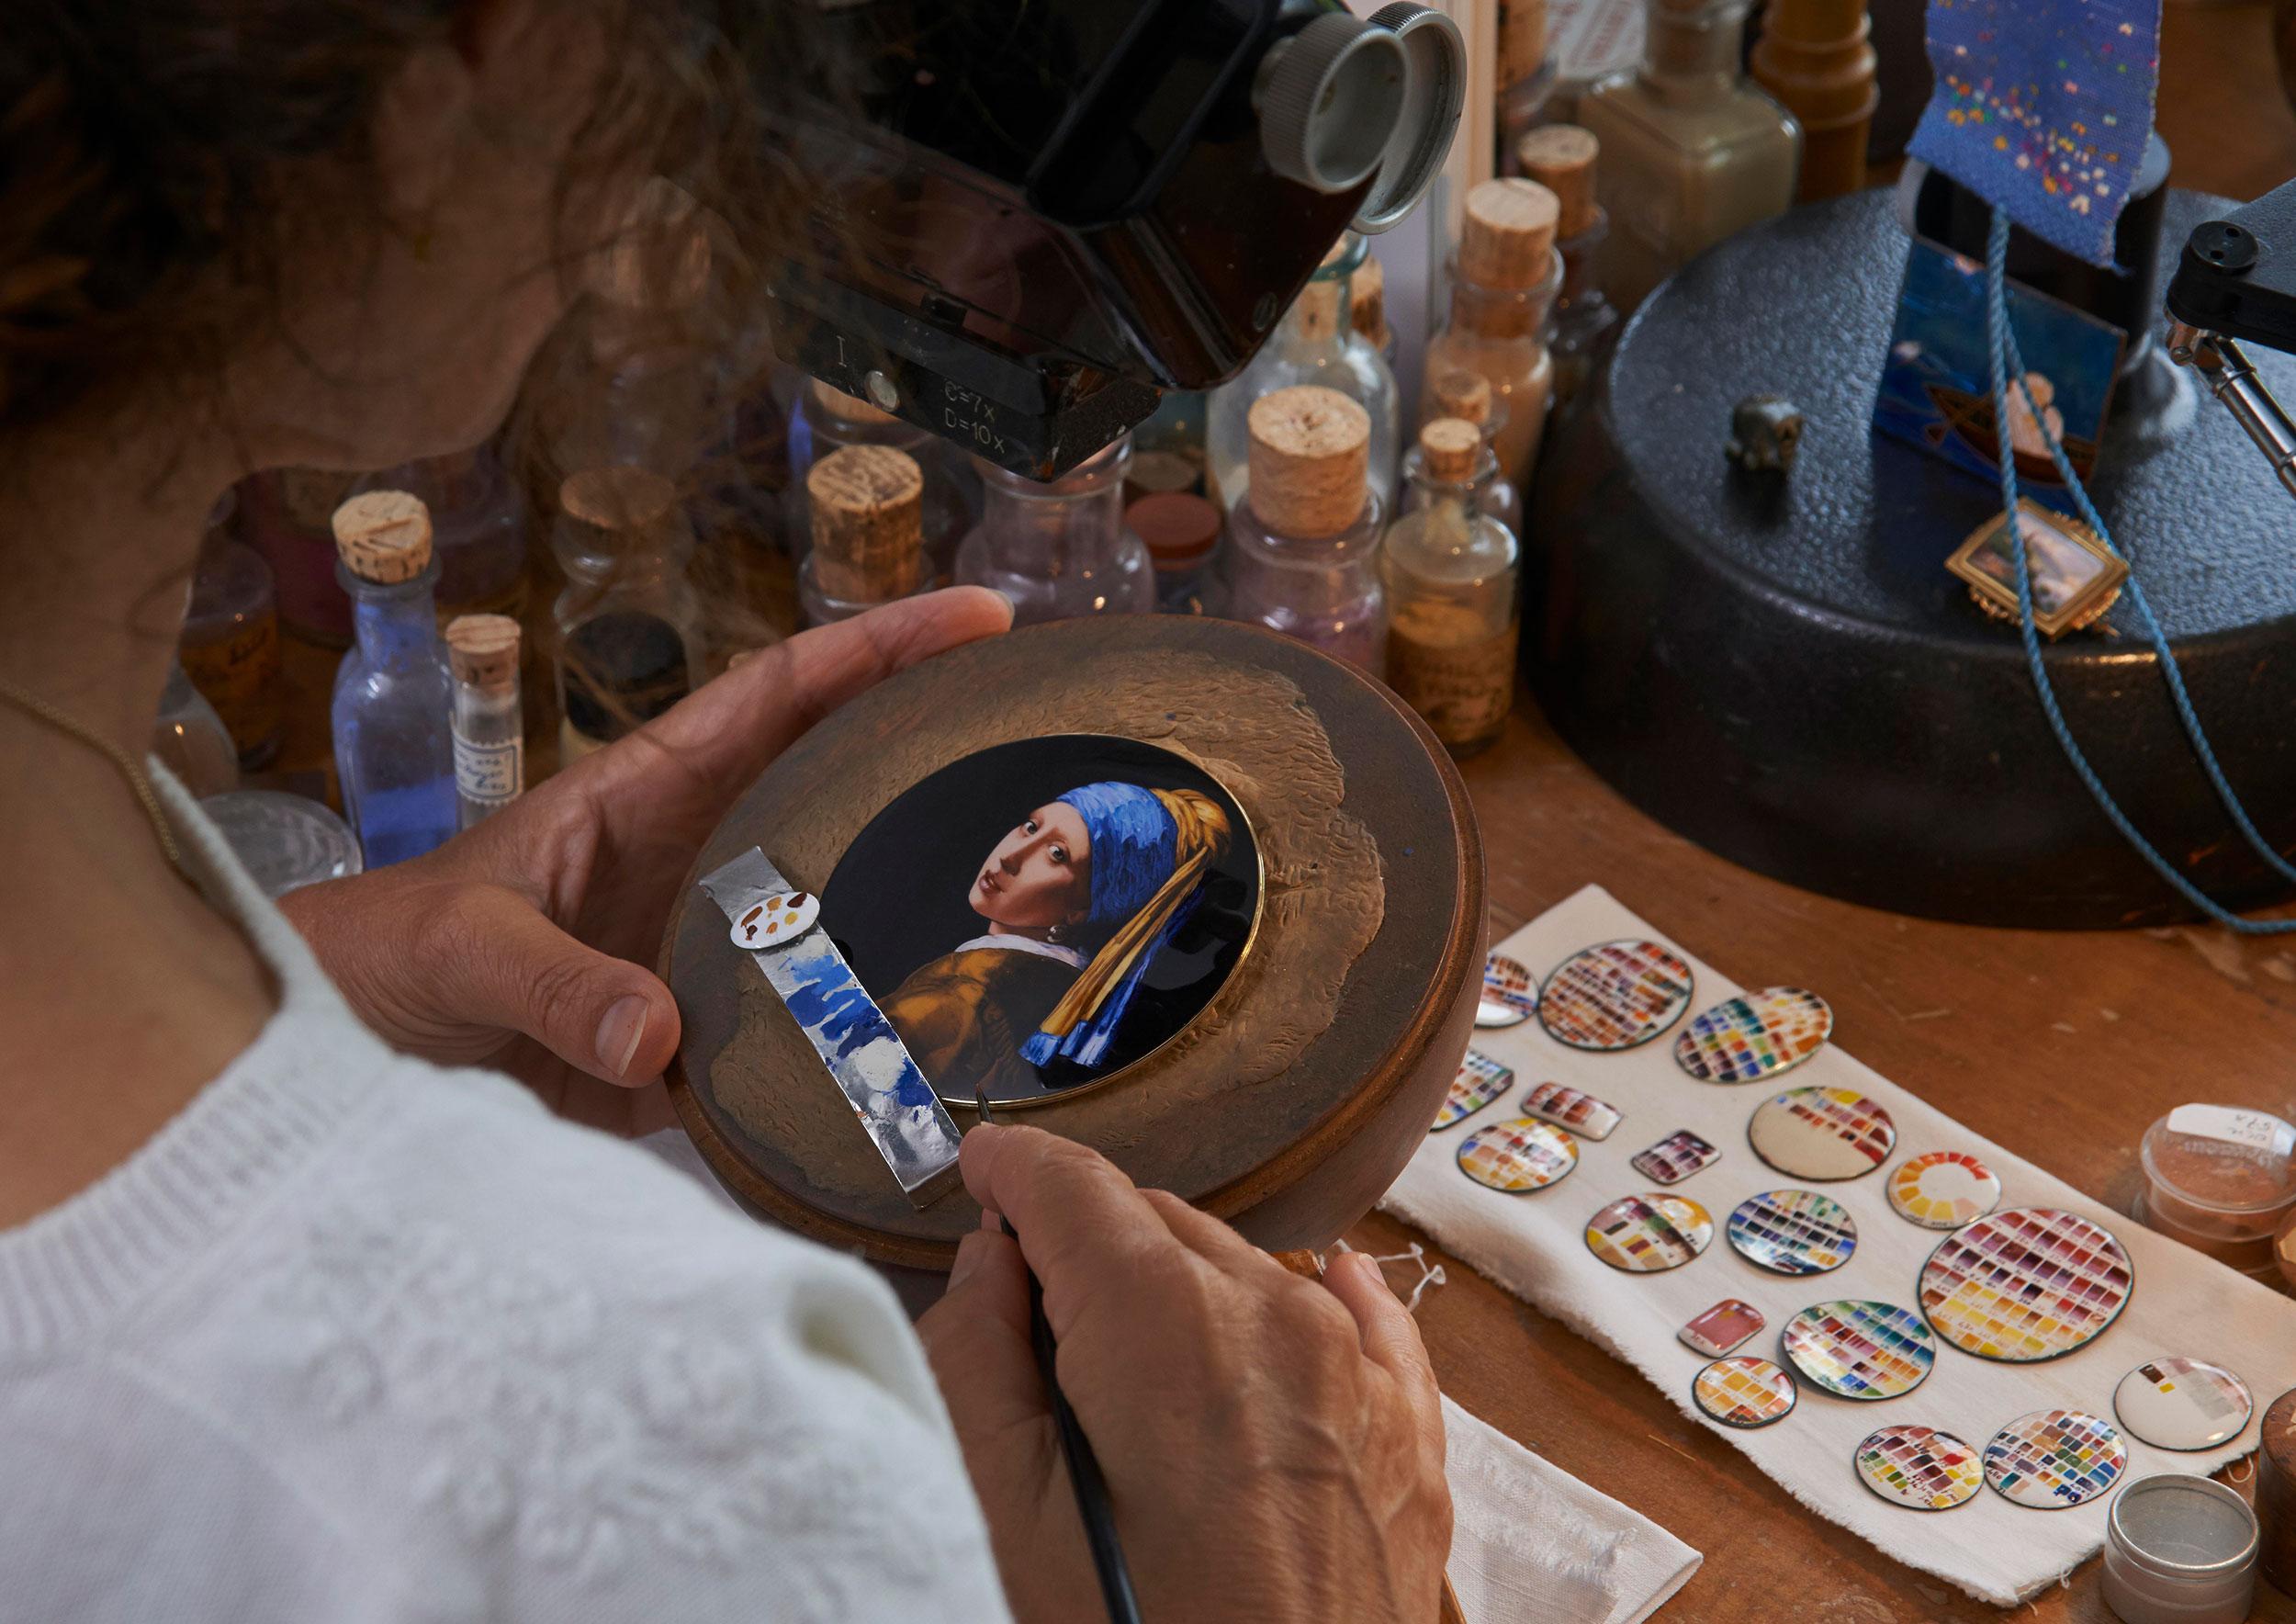 La esmaltadora Anita Porchet, trabajando sobre el Vacheron Constantin Les Cabinotiers Westminster Sonnerie – Tribute to Johannes Vermeer